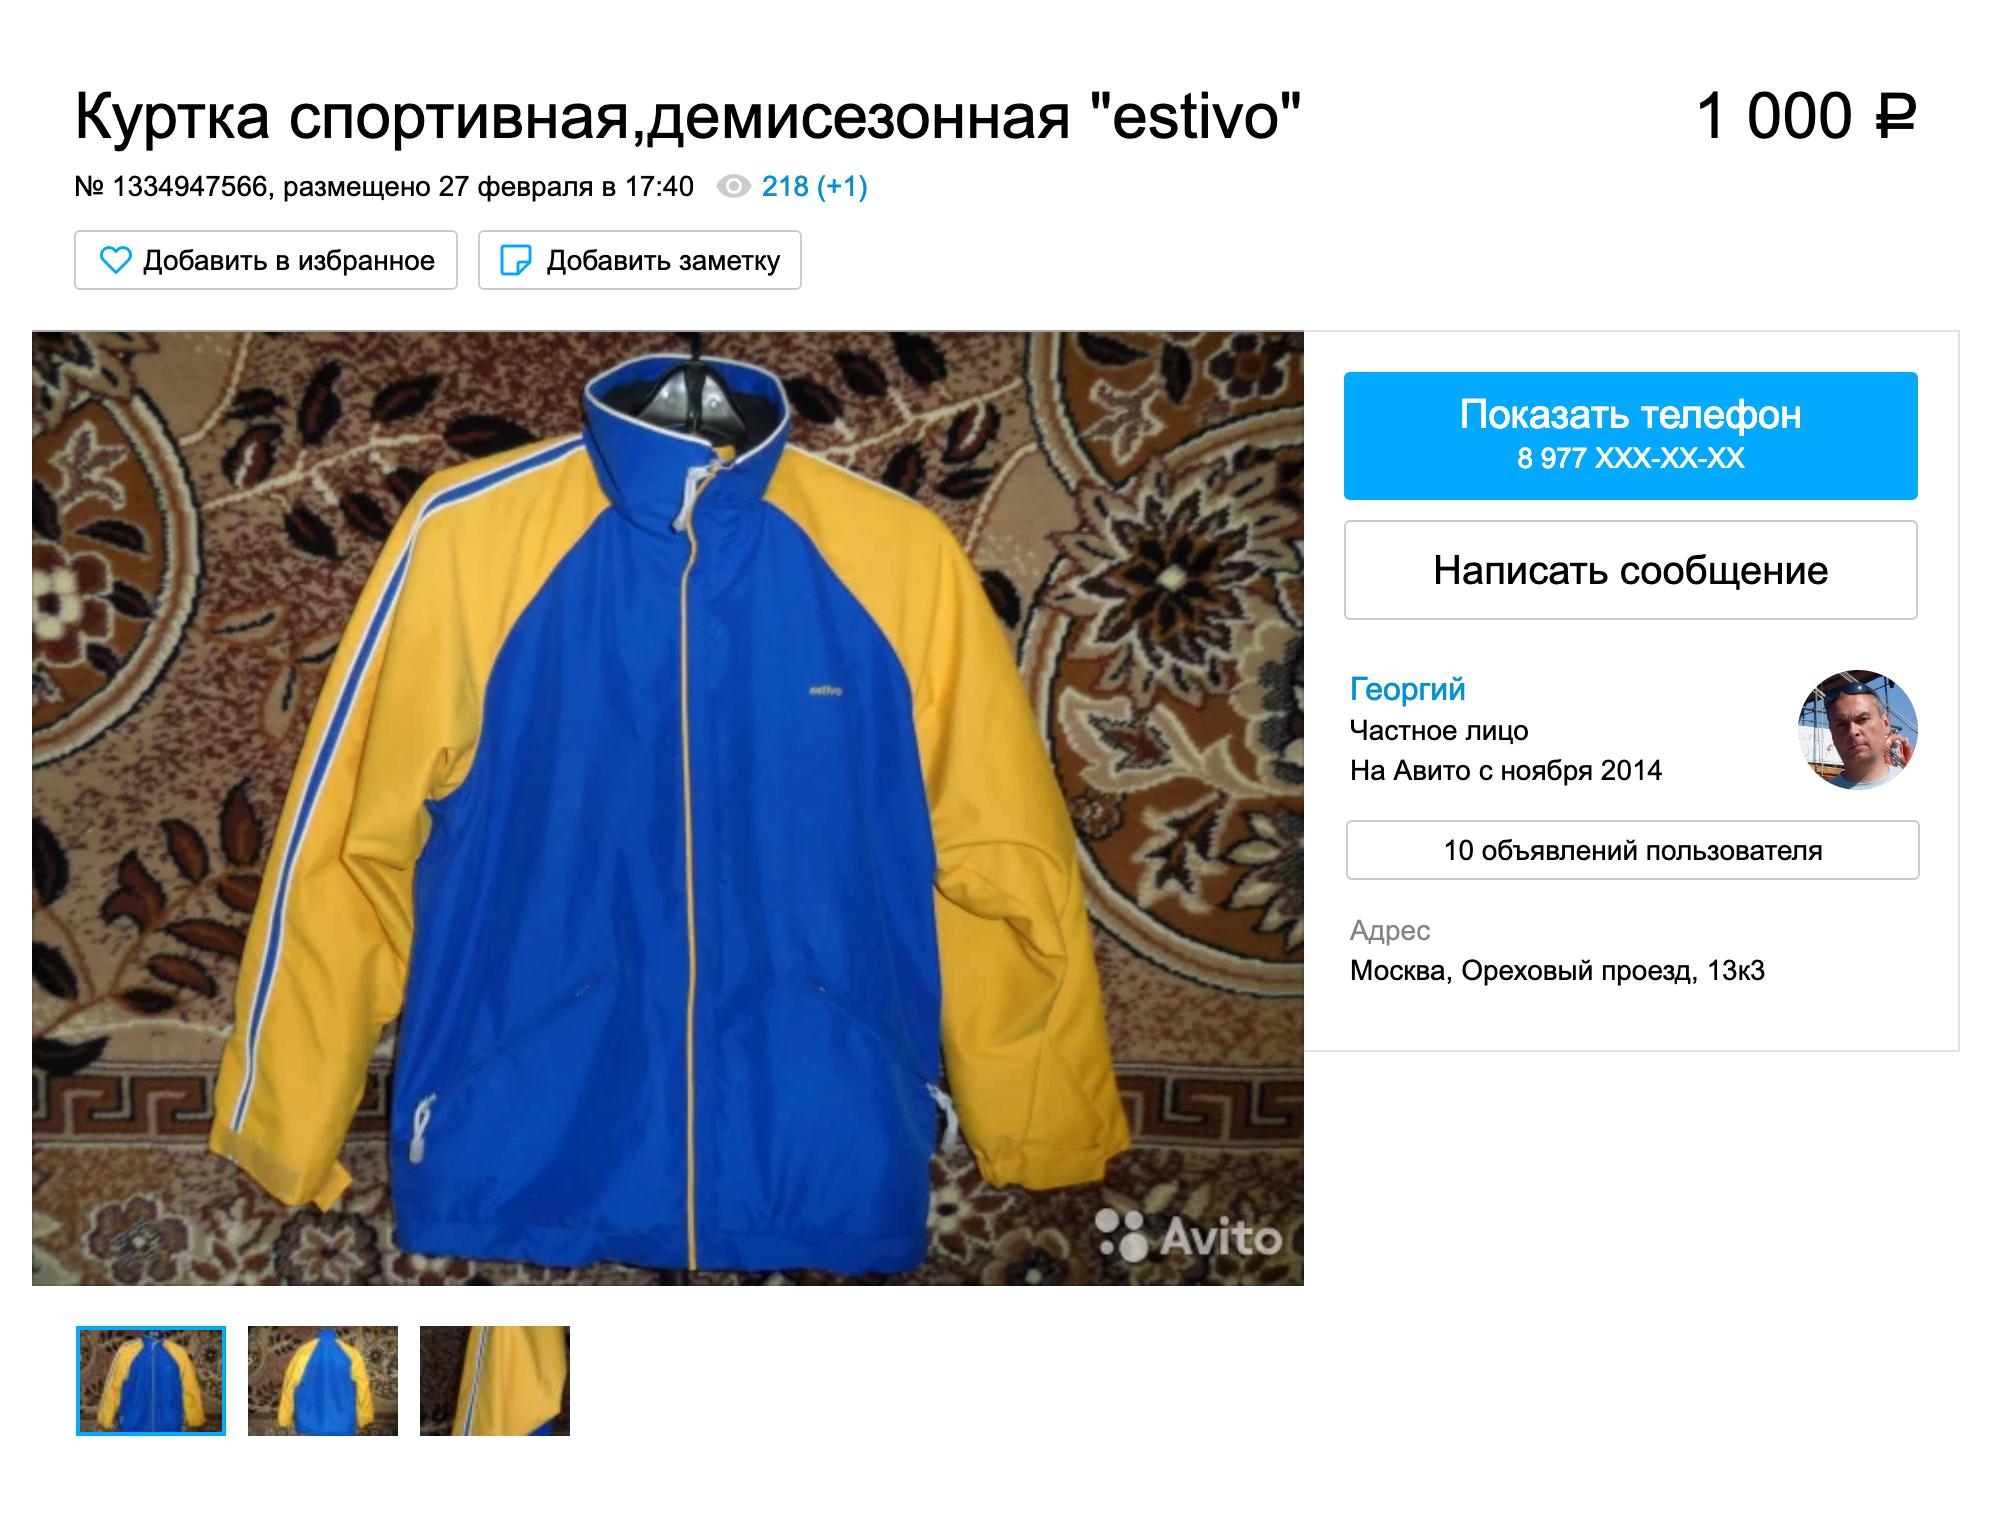 Фон хоть и не однородный, но контрастный к цвету вещи. В этом объявлении куртка показана с трех ракурсов: спереди, сзади и сбоку — покупателю понятно, как она выглядит